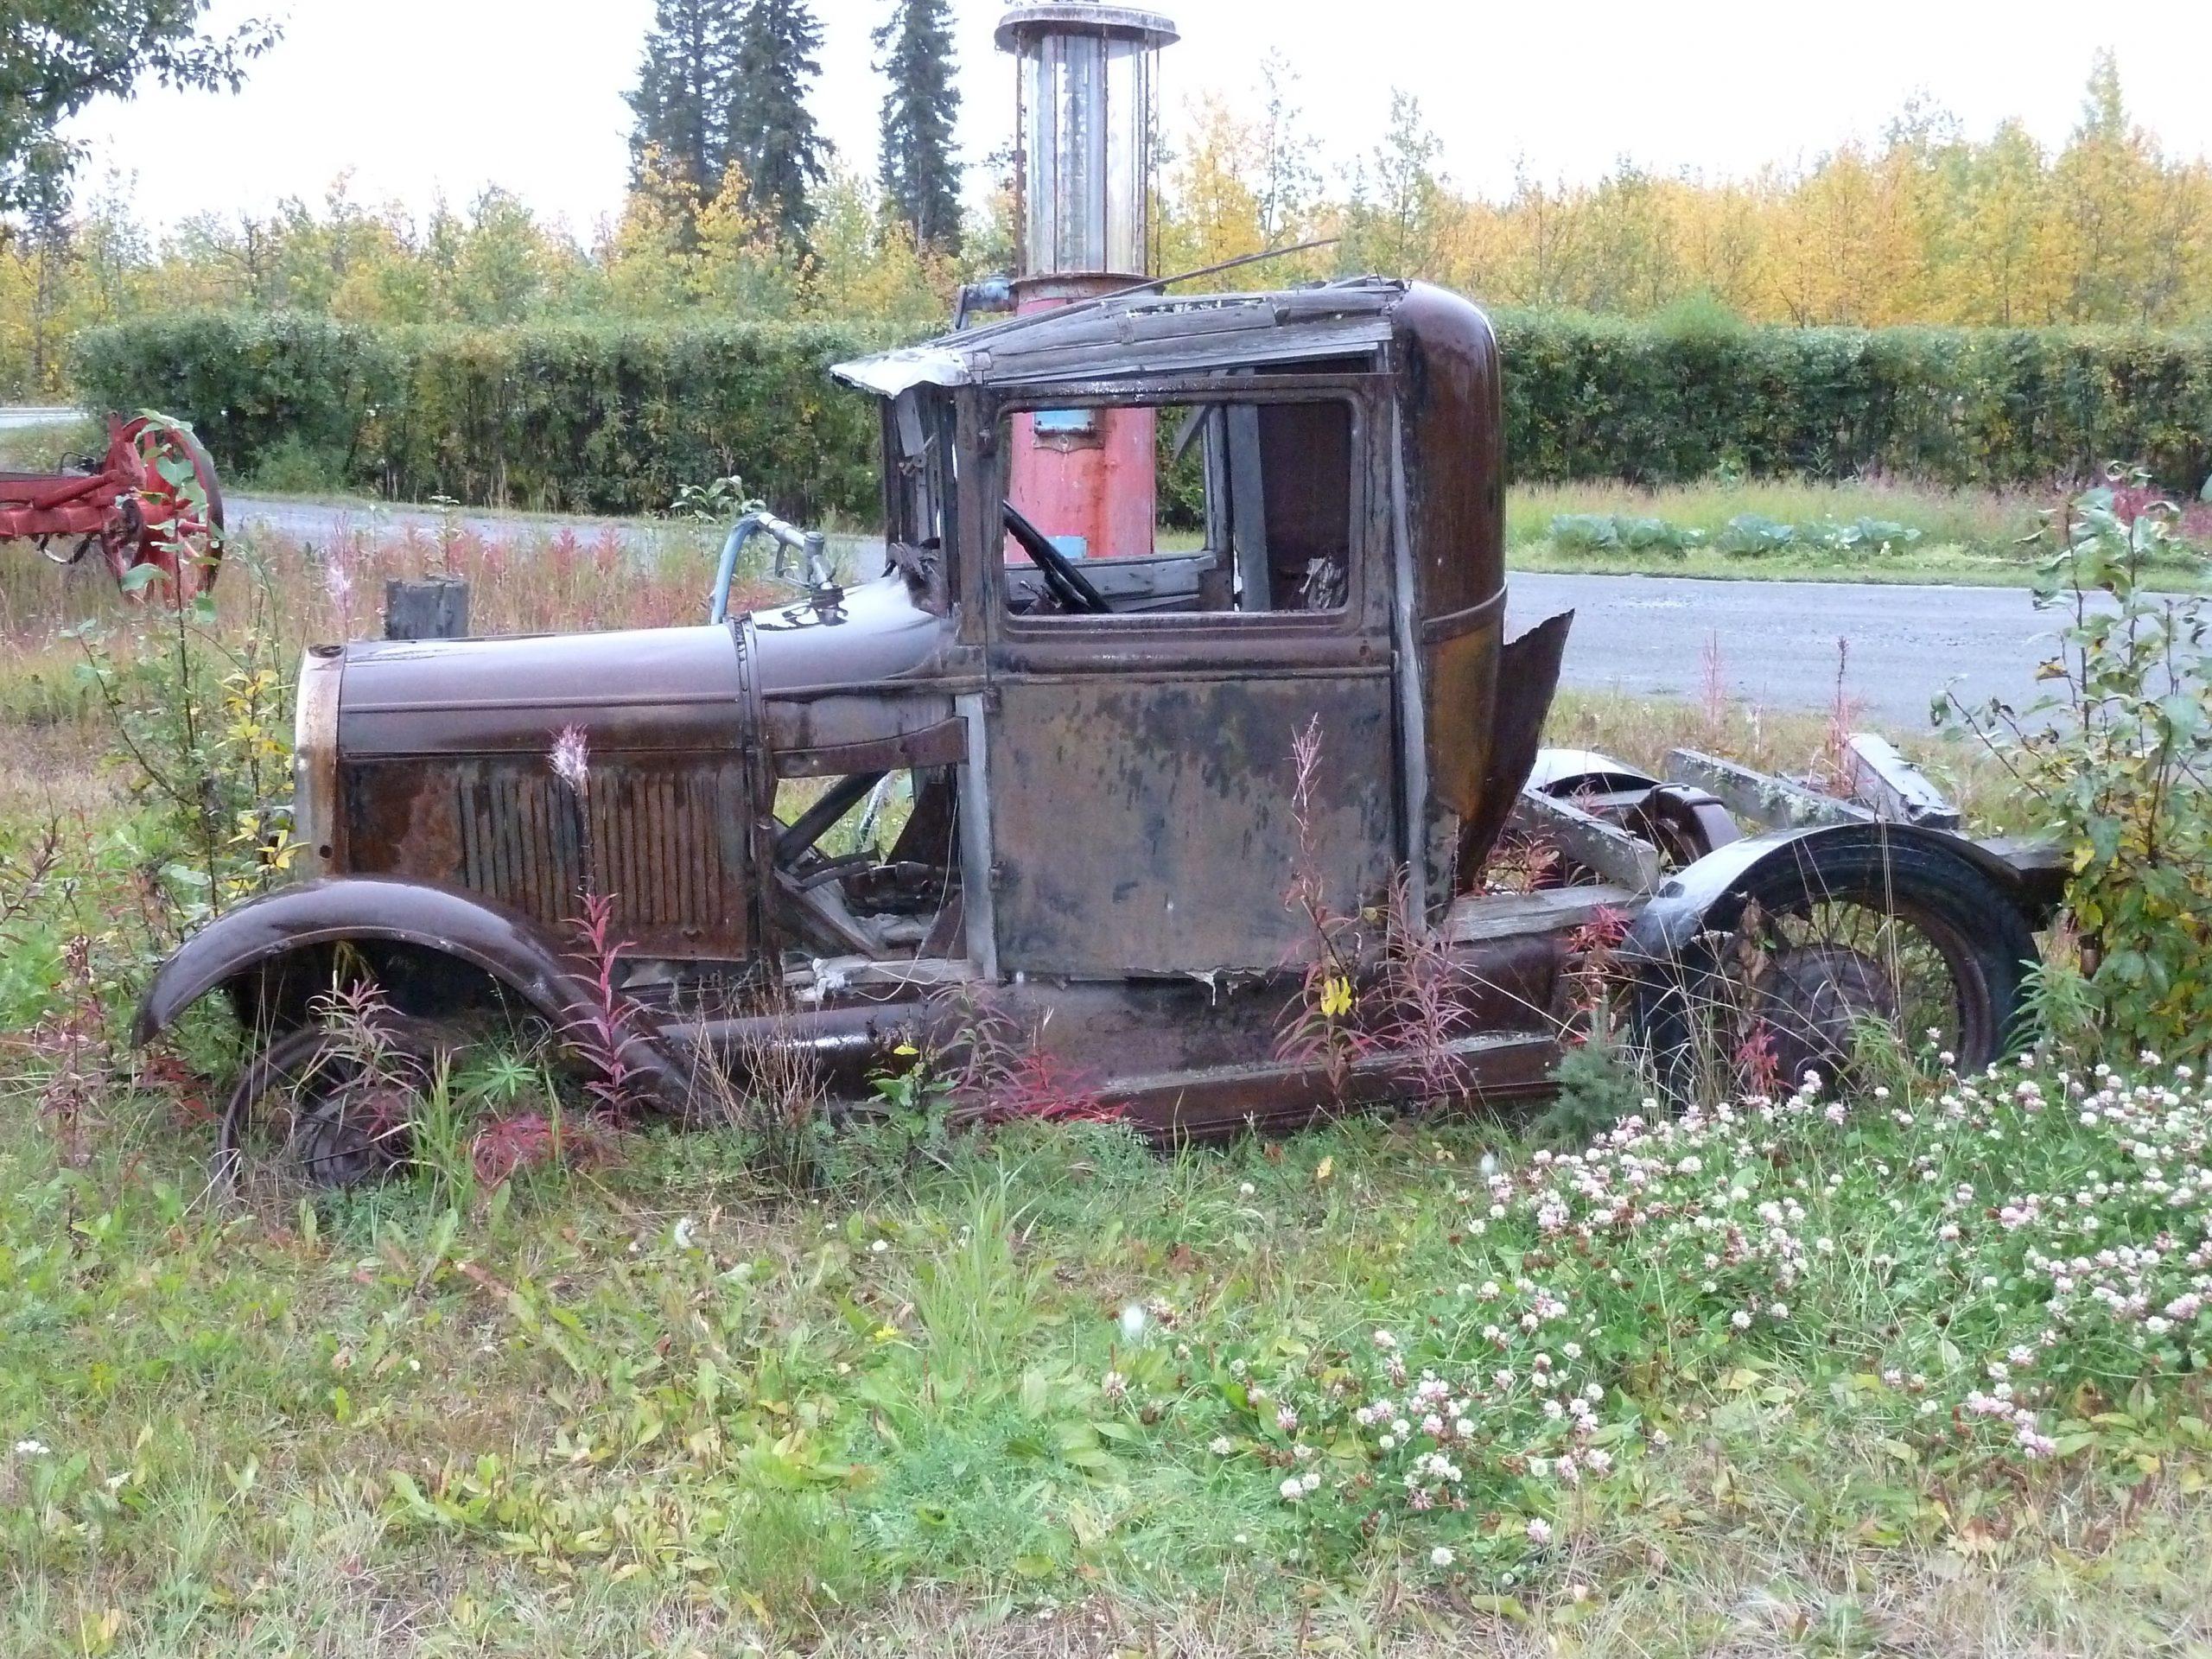 Radreise Alaska 2010 - Altes Auto